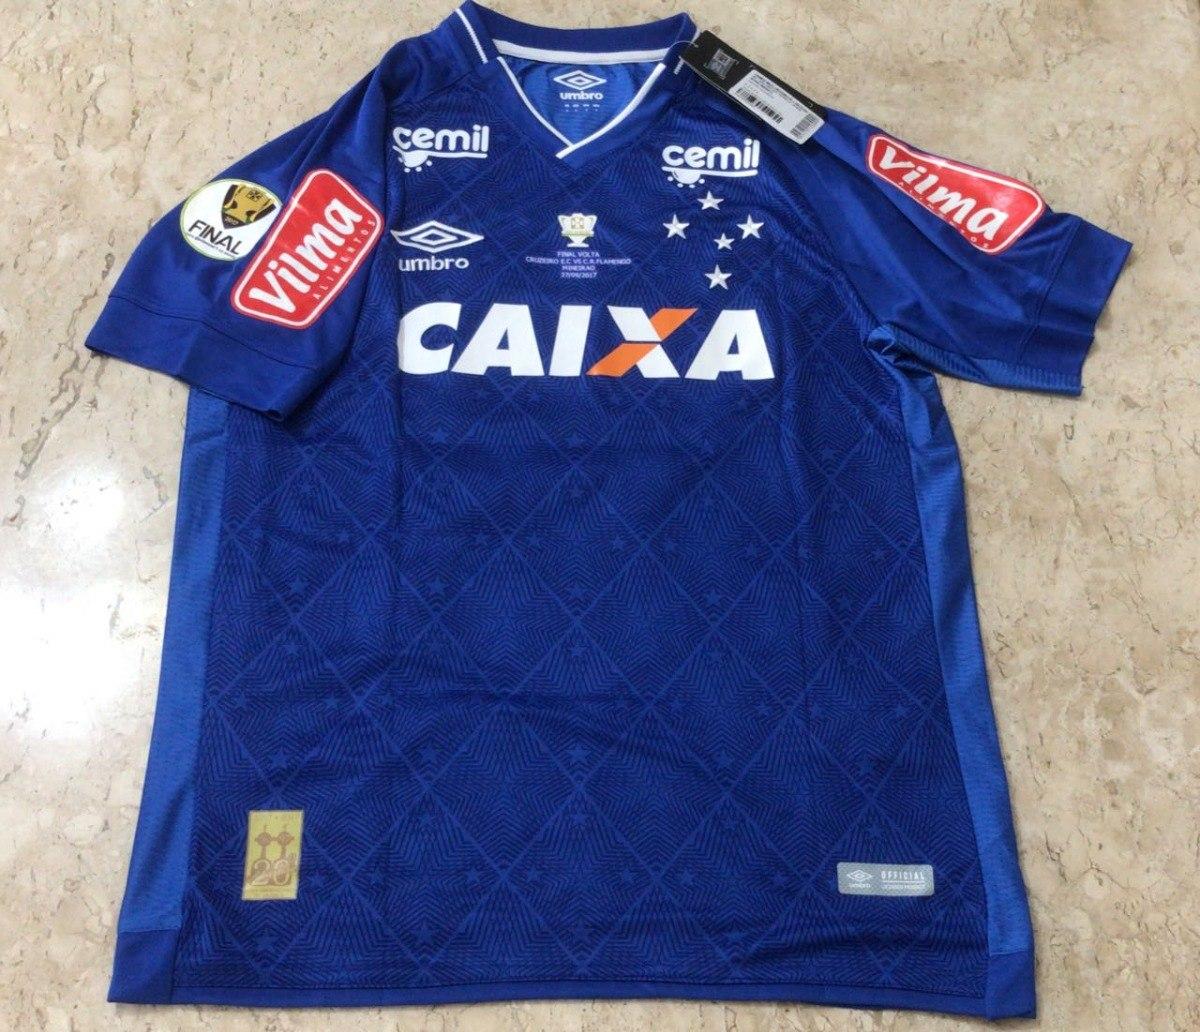 2bcc6c6232 camisa umbro cruzeiro final copa do brasil 2017. Carregando zoom.